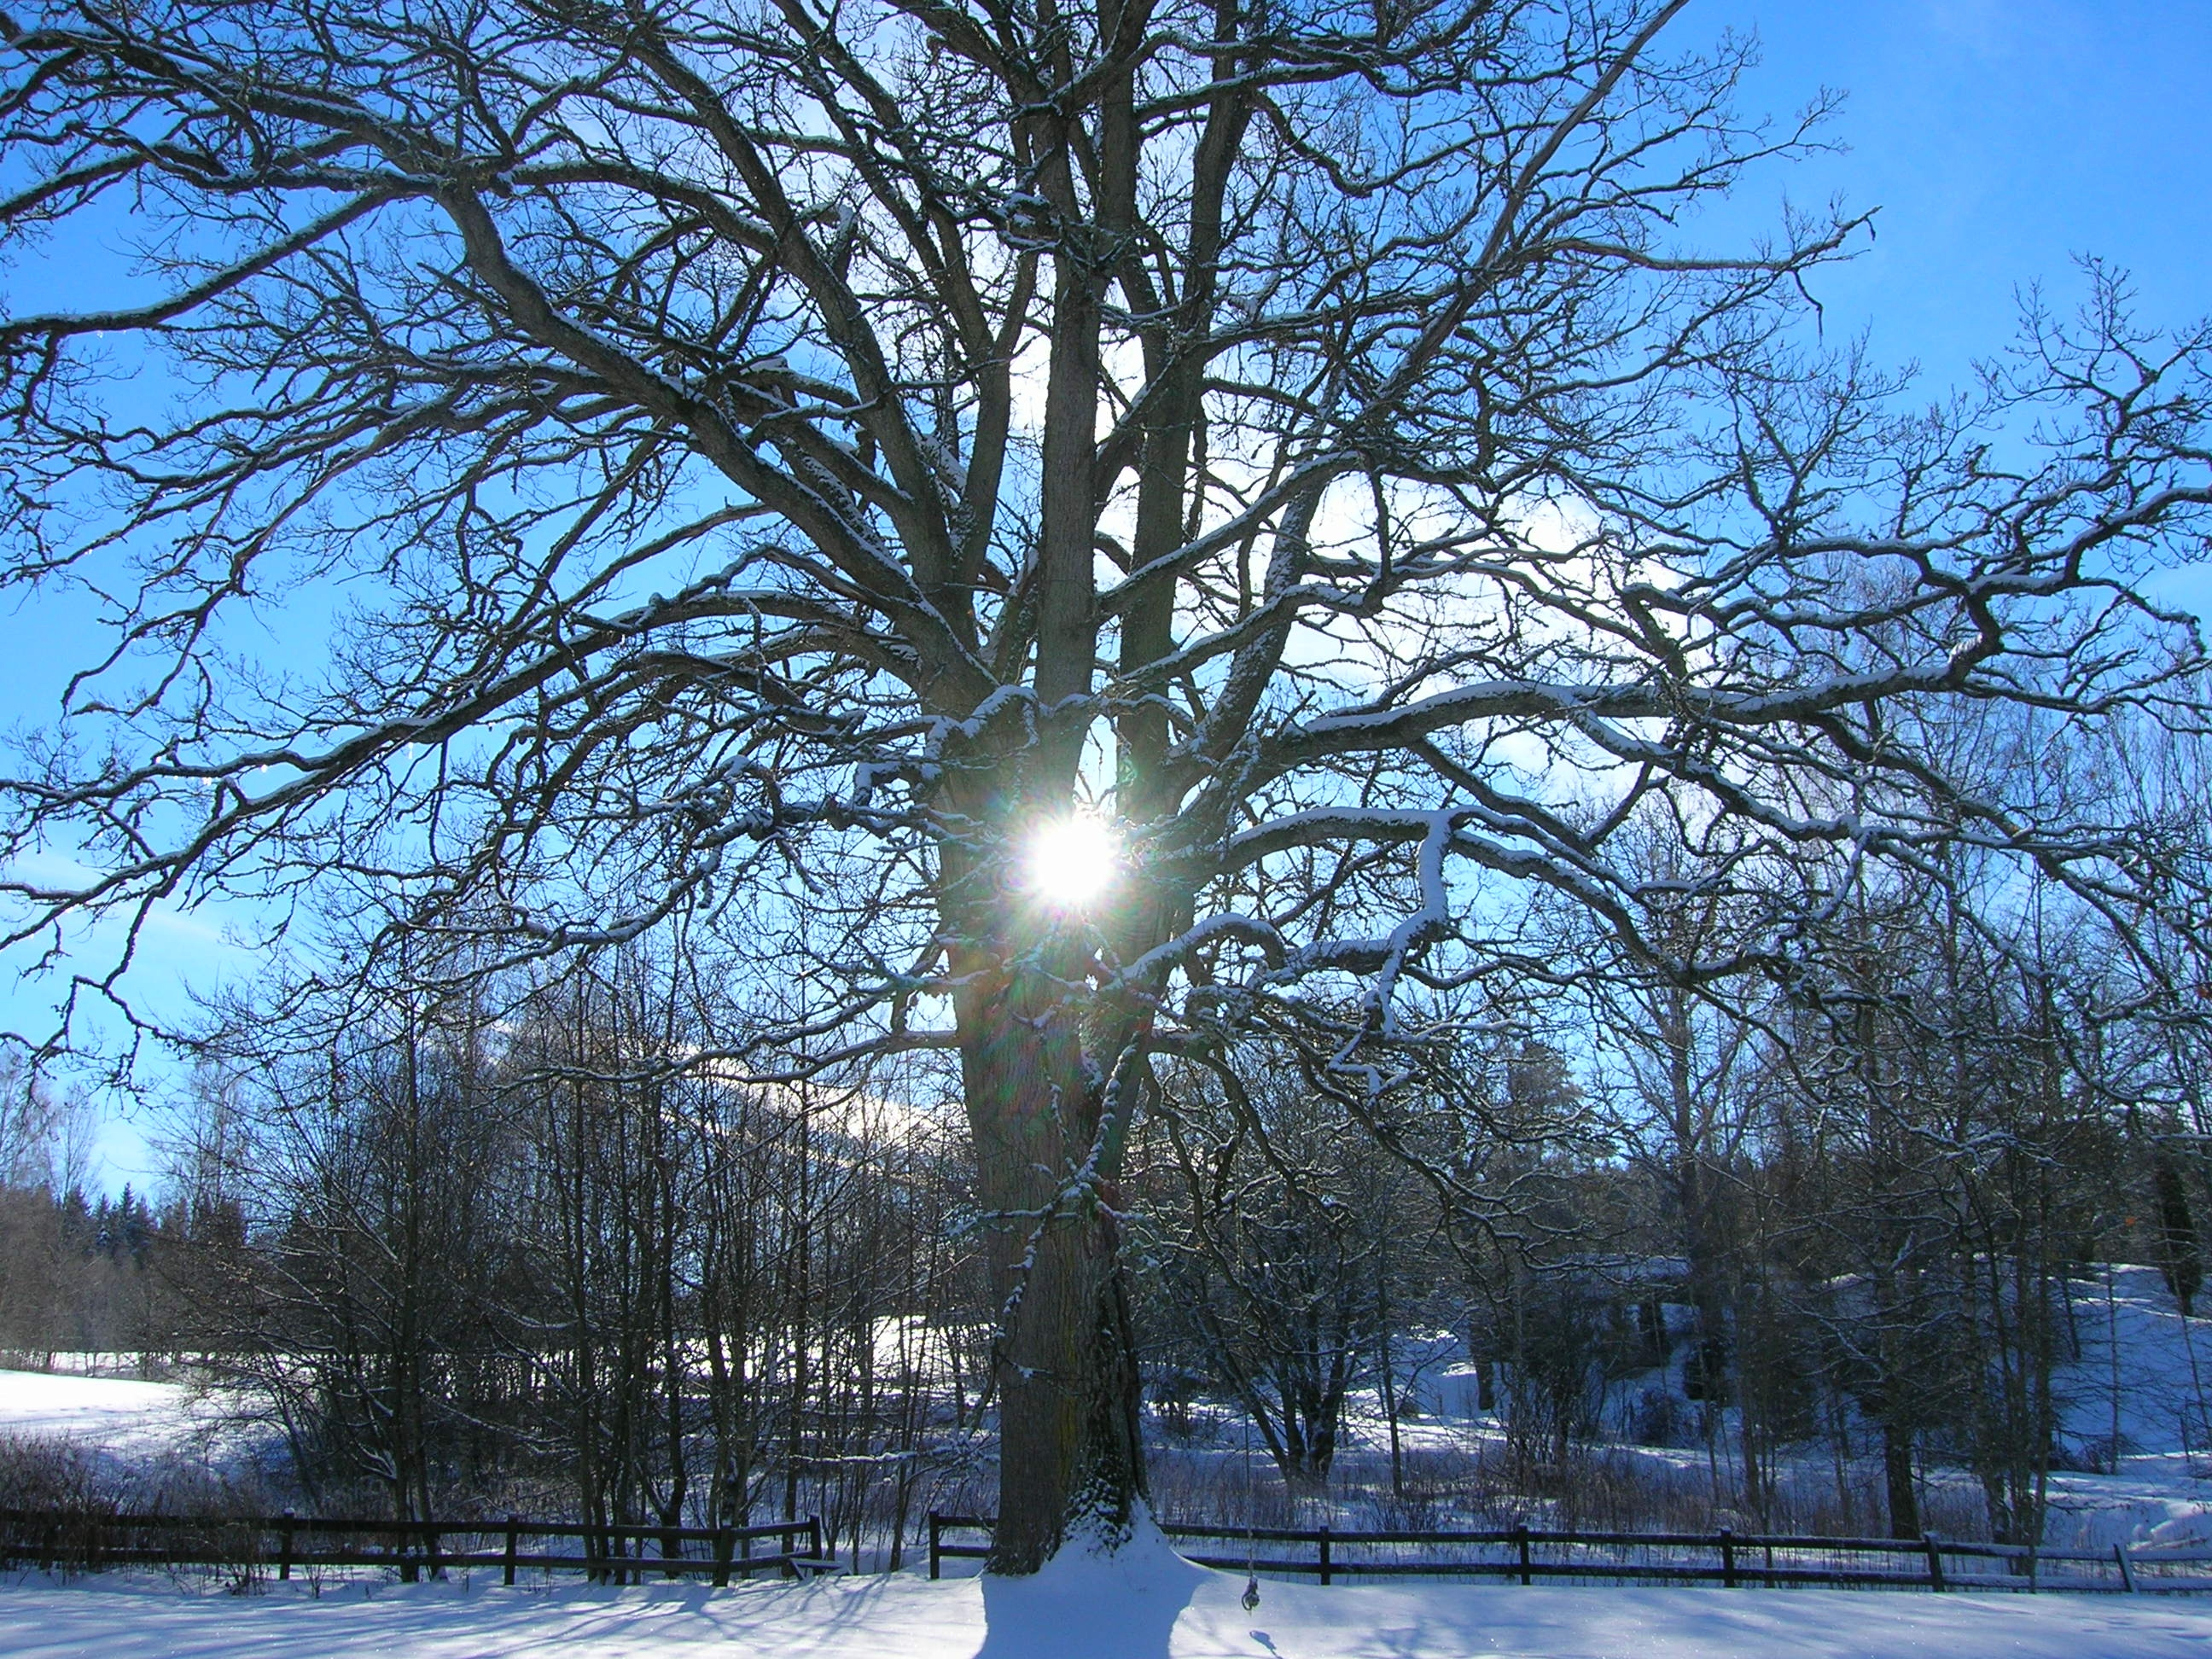 Oak tree in winter photo